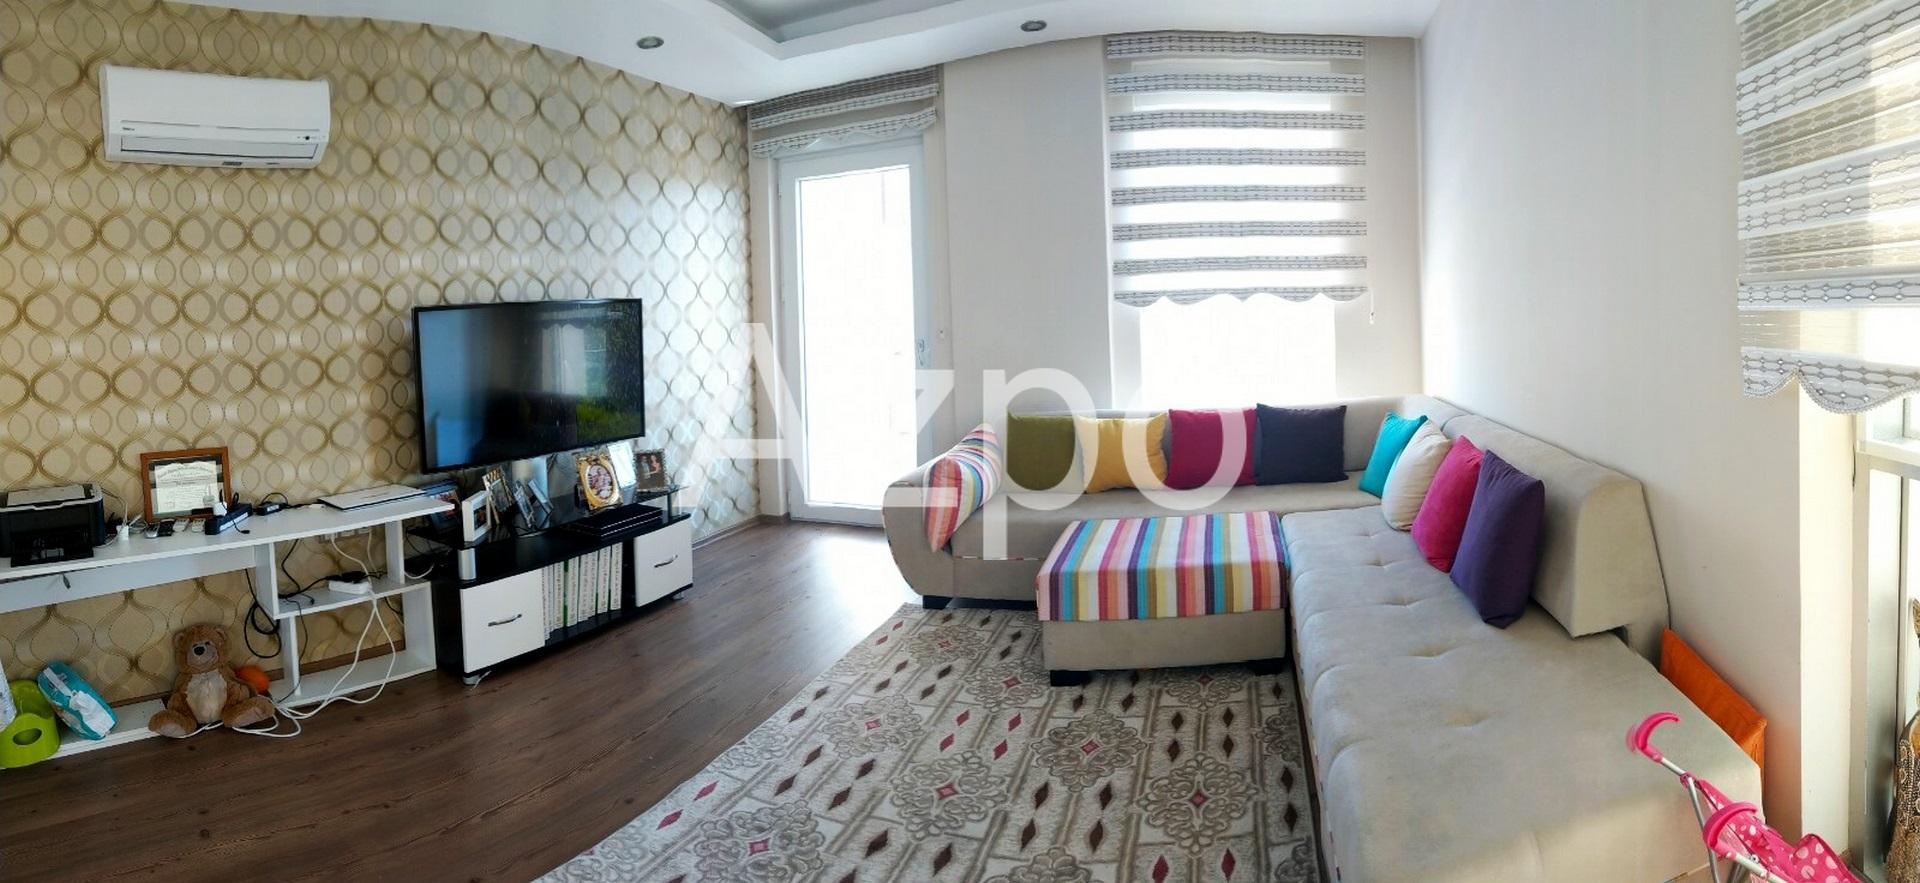 Квартира 2+1 с мебелью в 5 минутах ходьбы от моря - Фото 10